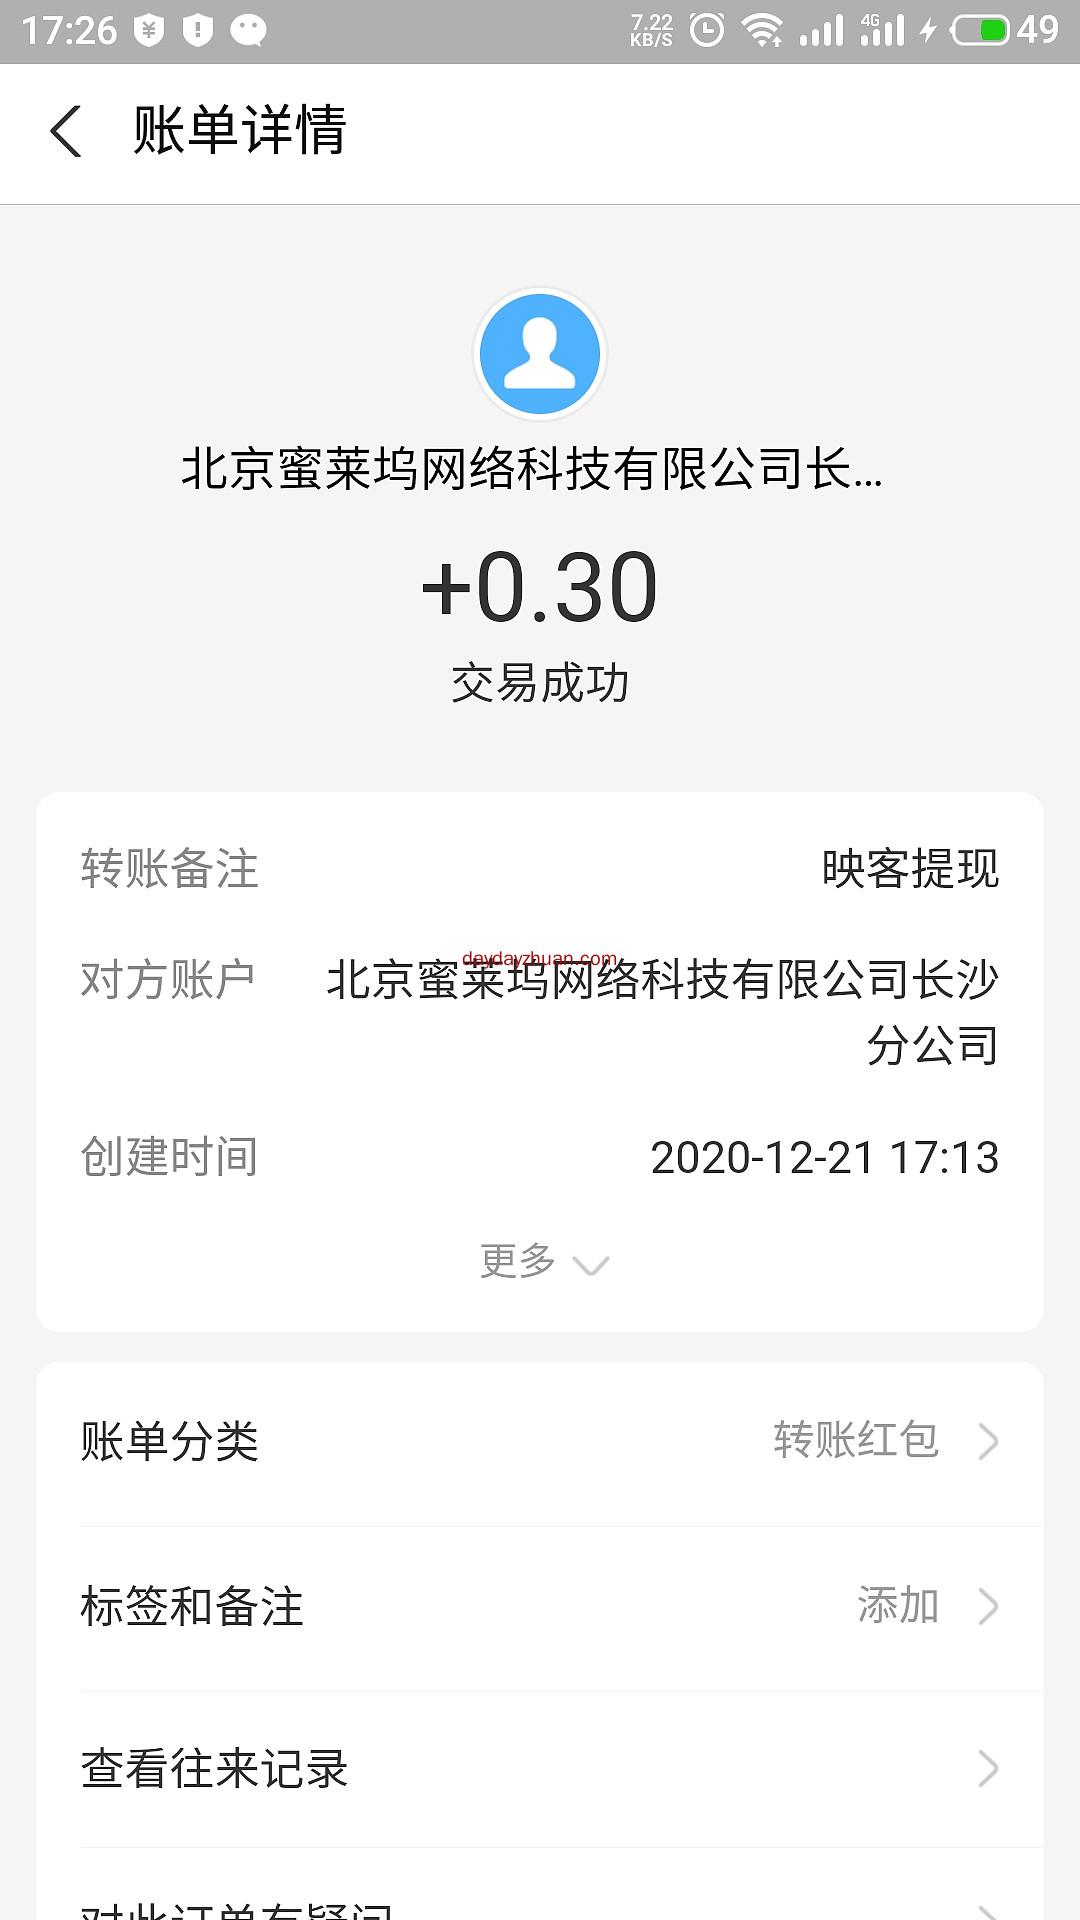 映客极速版APP新用户送0.3元支付宝红包  第2张